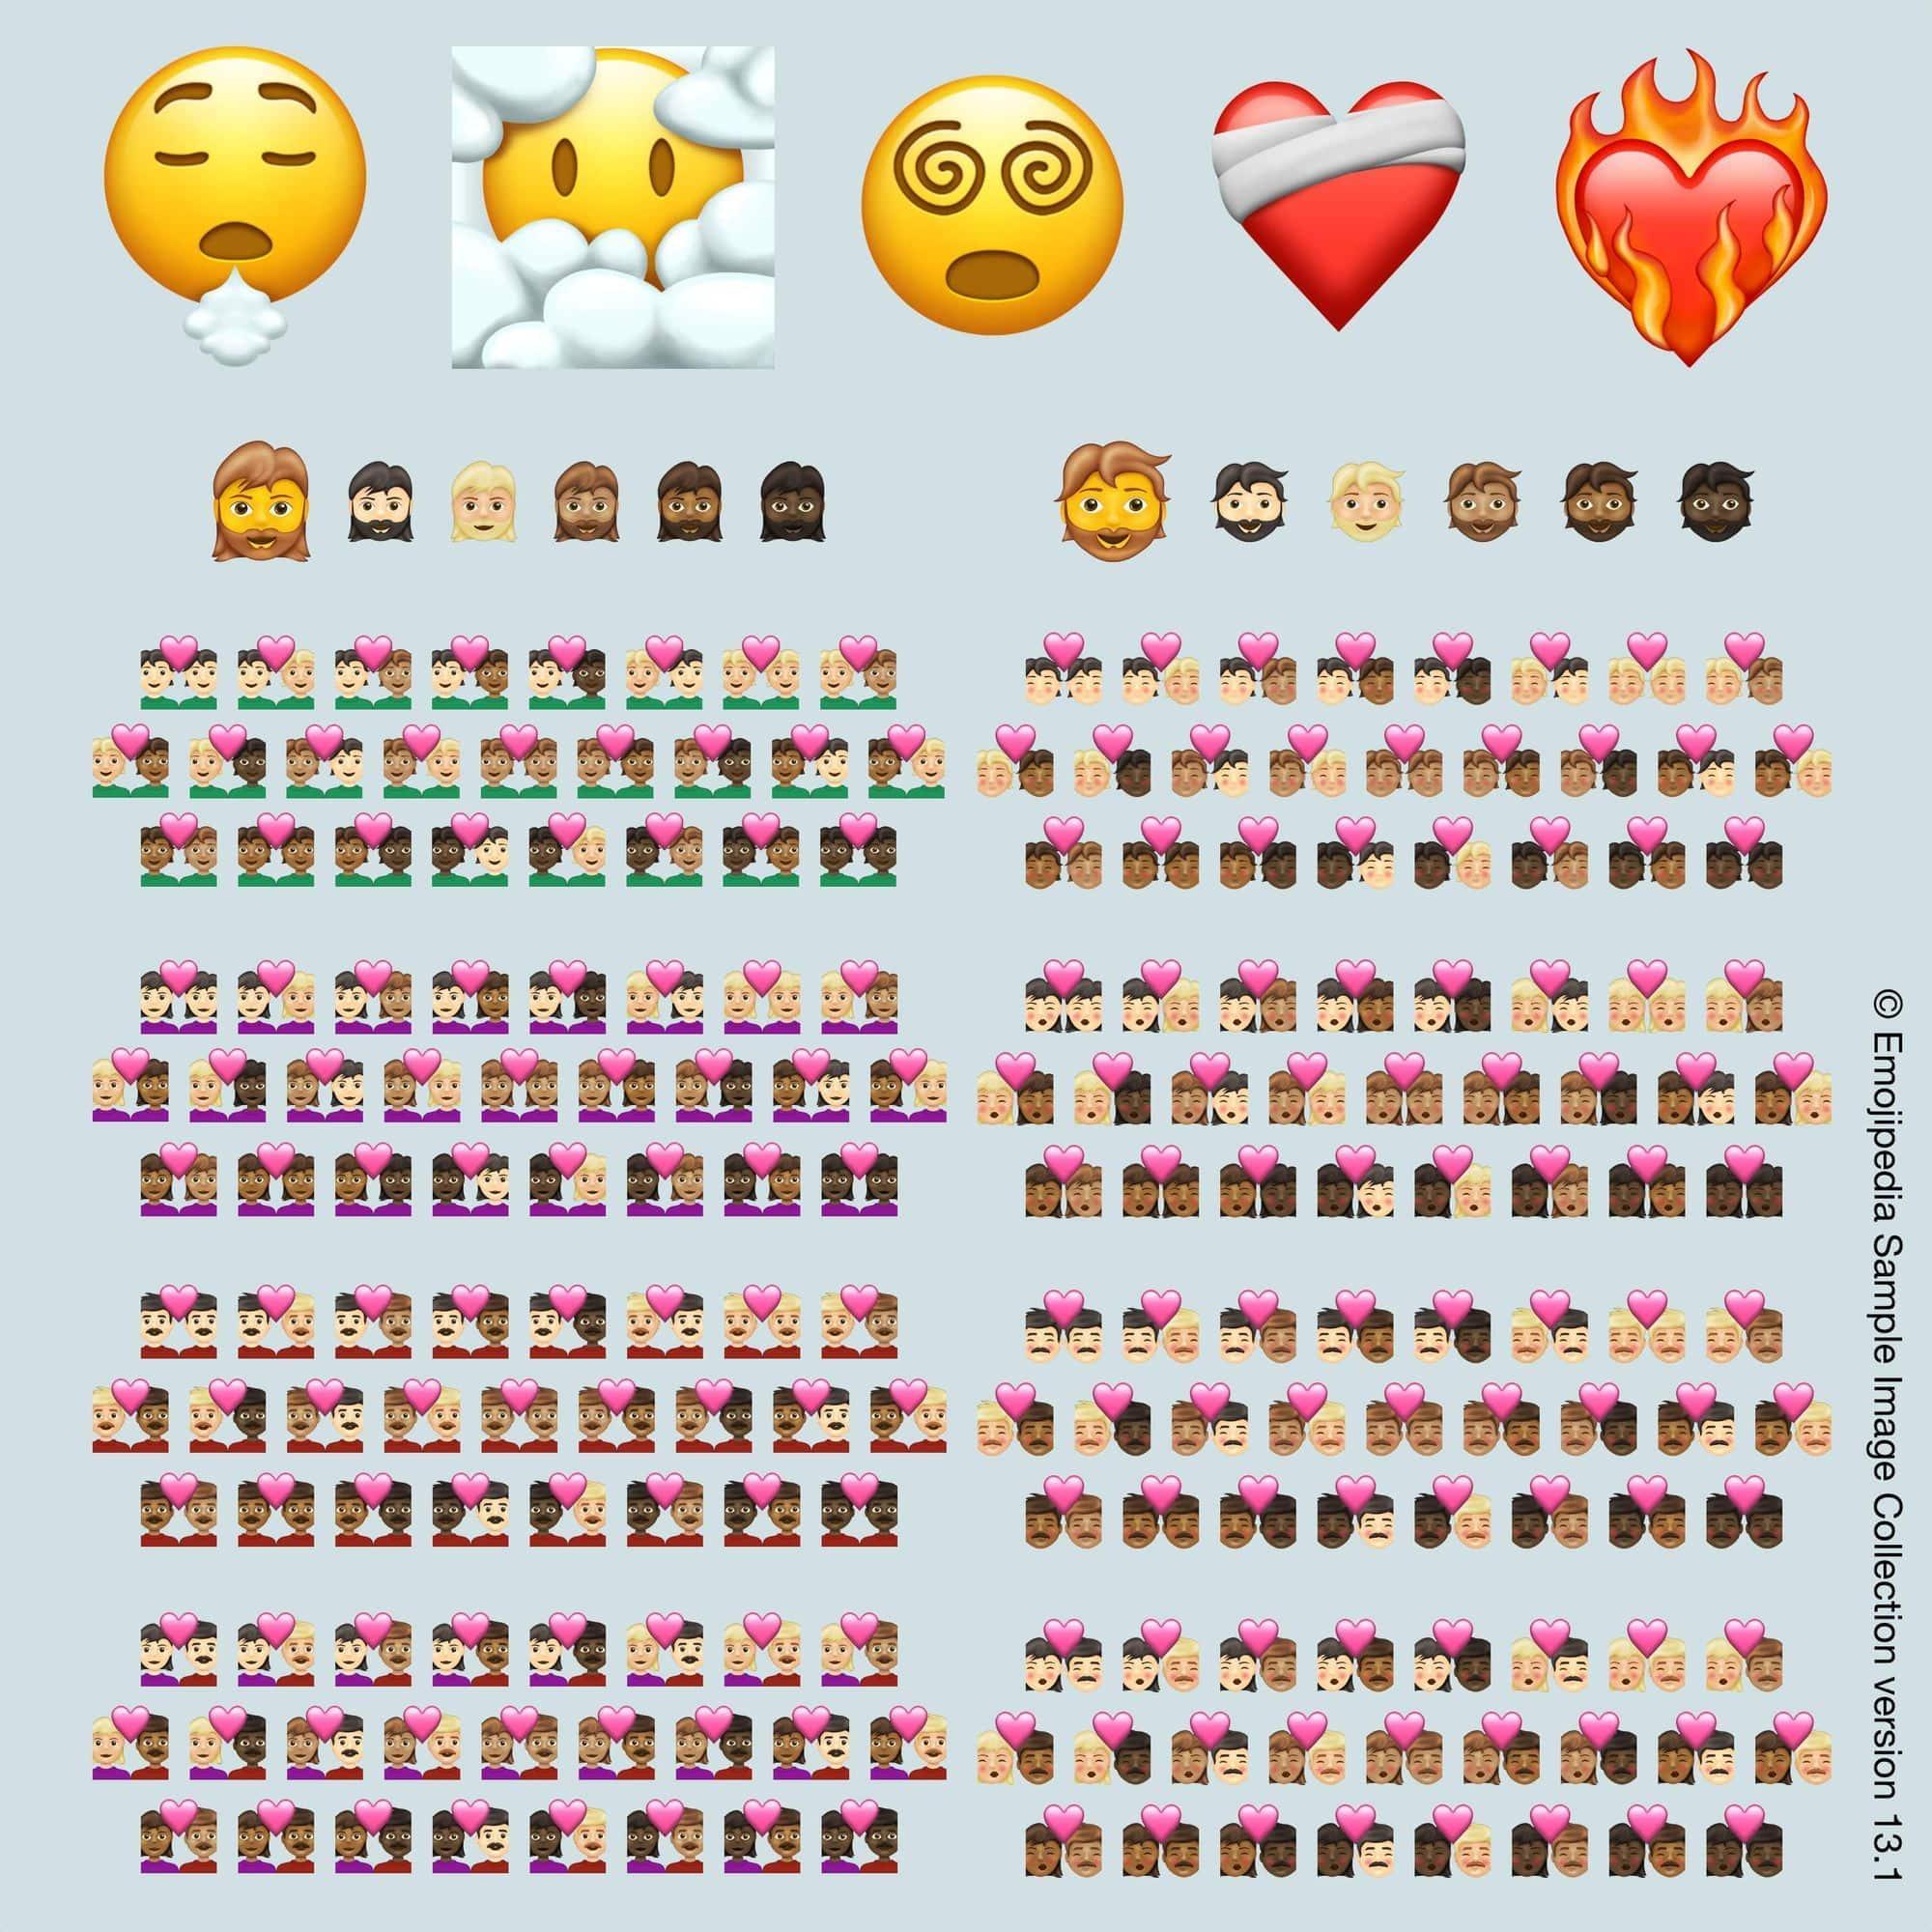 Illustration af emojierne, der kommer i 2021, er billedet lånt fra Emojipedia.org (© Emojipedia).